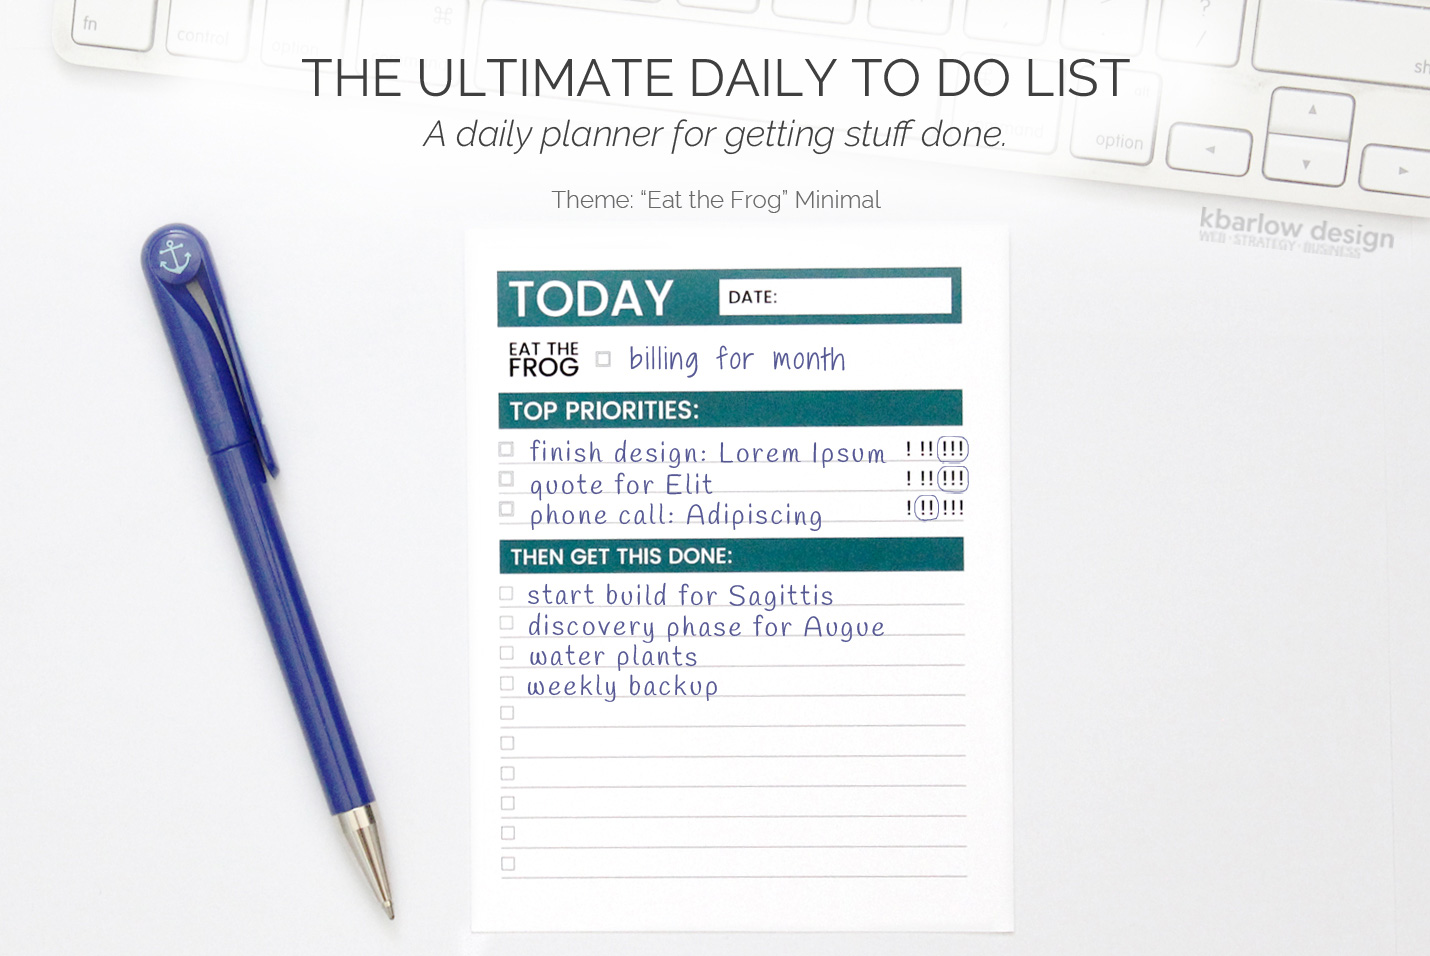 to do list design